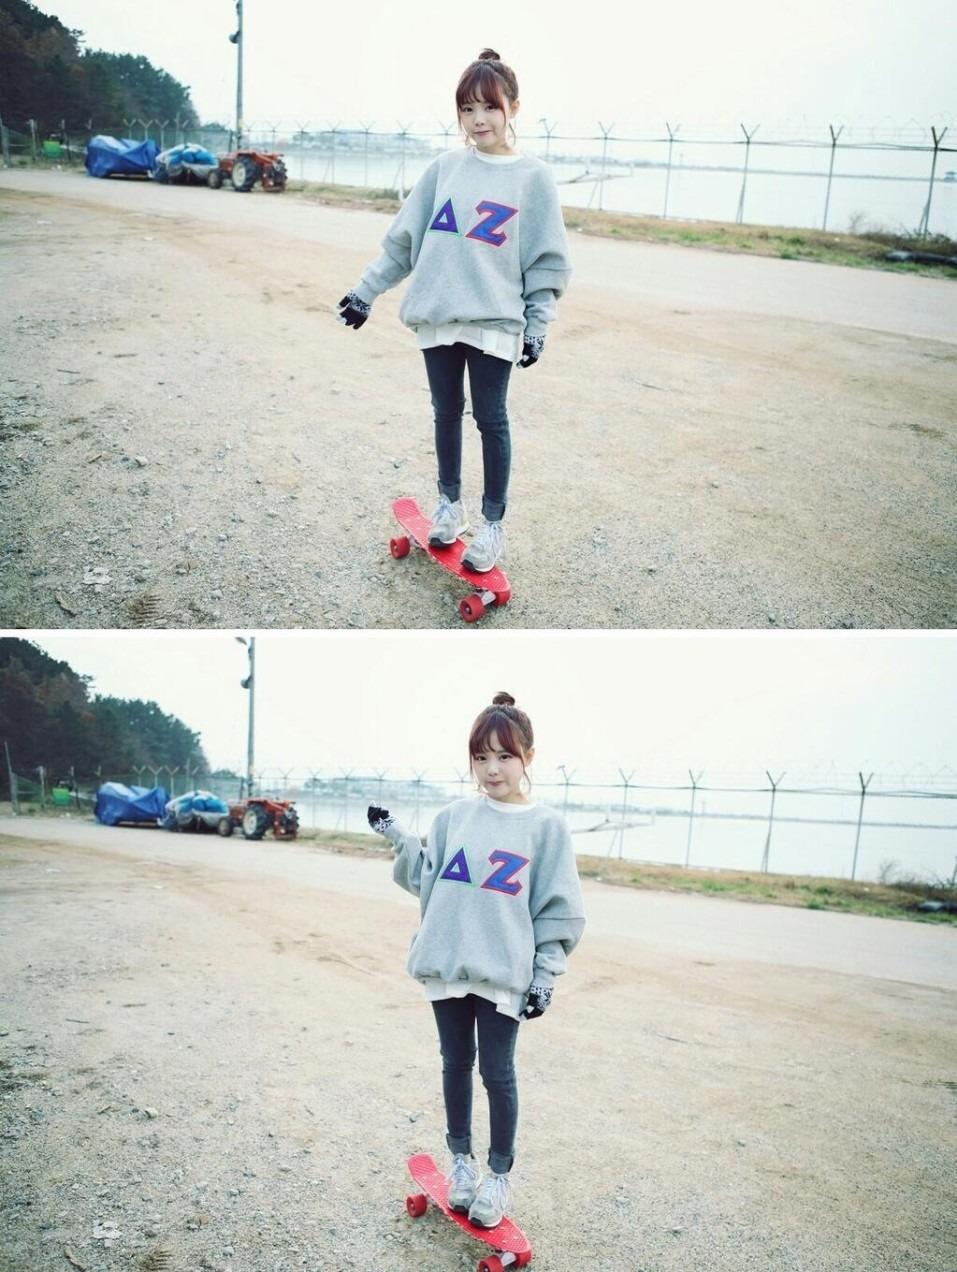 韓国 オルチャン ファッション コーデの画像 プリ画像. グレートレーナー♡